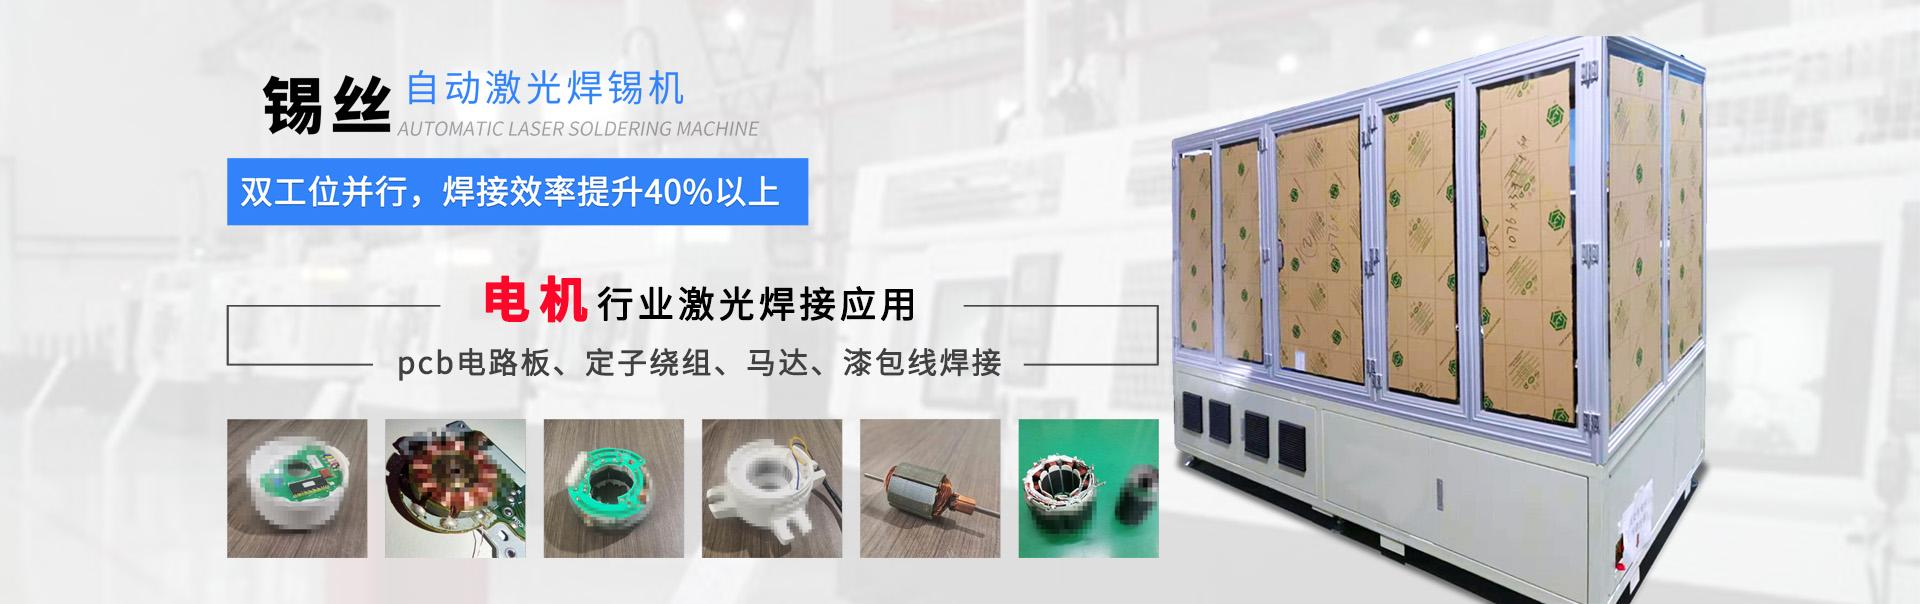 电机激光焊接机